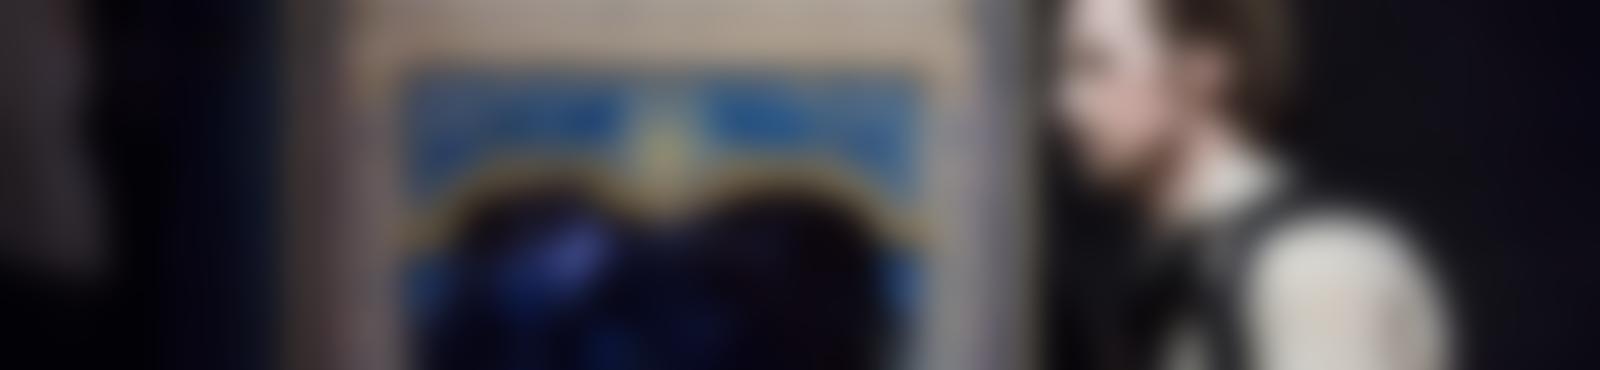 Blurred e35ea4a2 d066 405e aaff c0e557c4dced